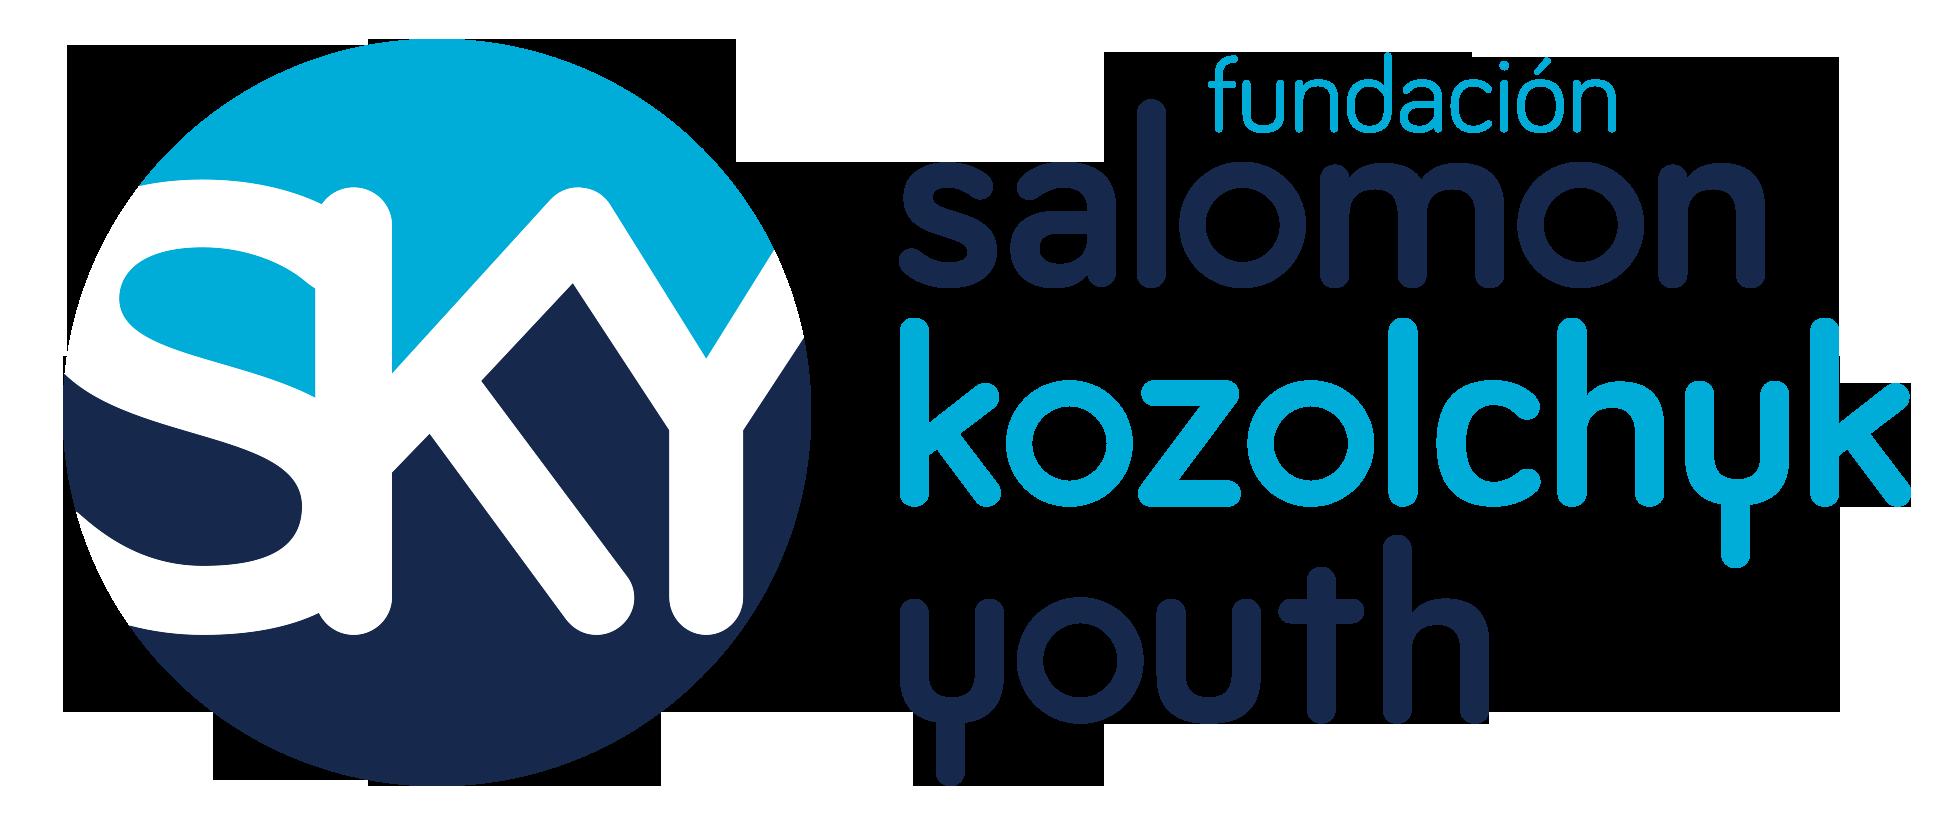 Fundación SKY – Programa Lazos